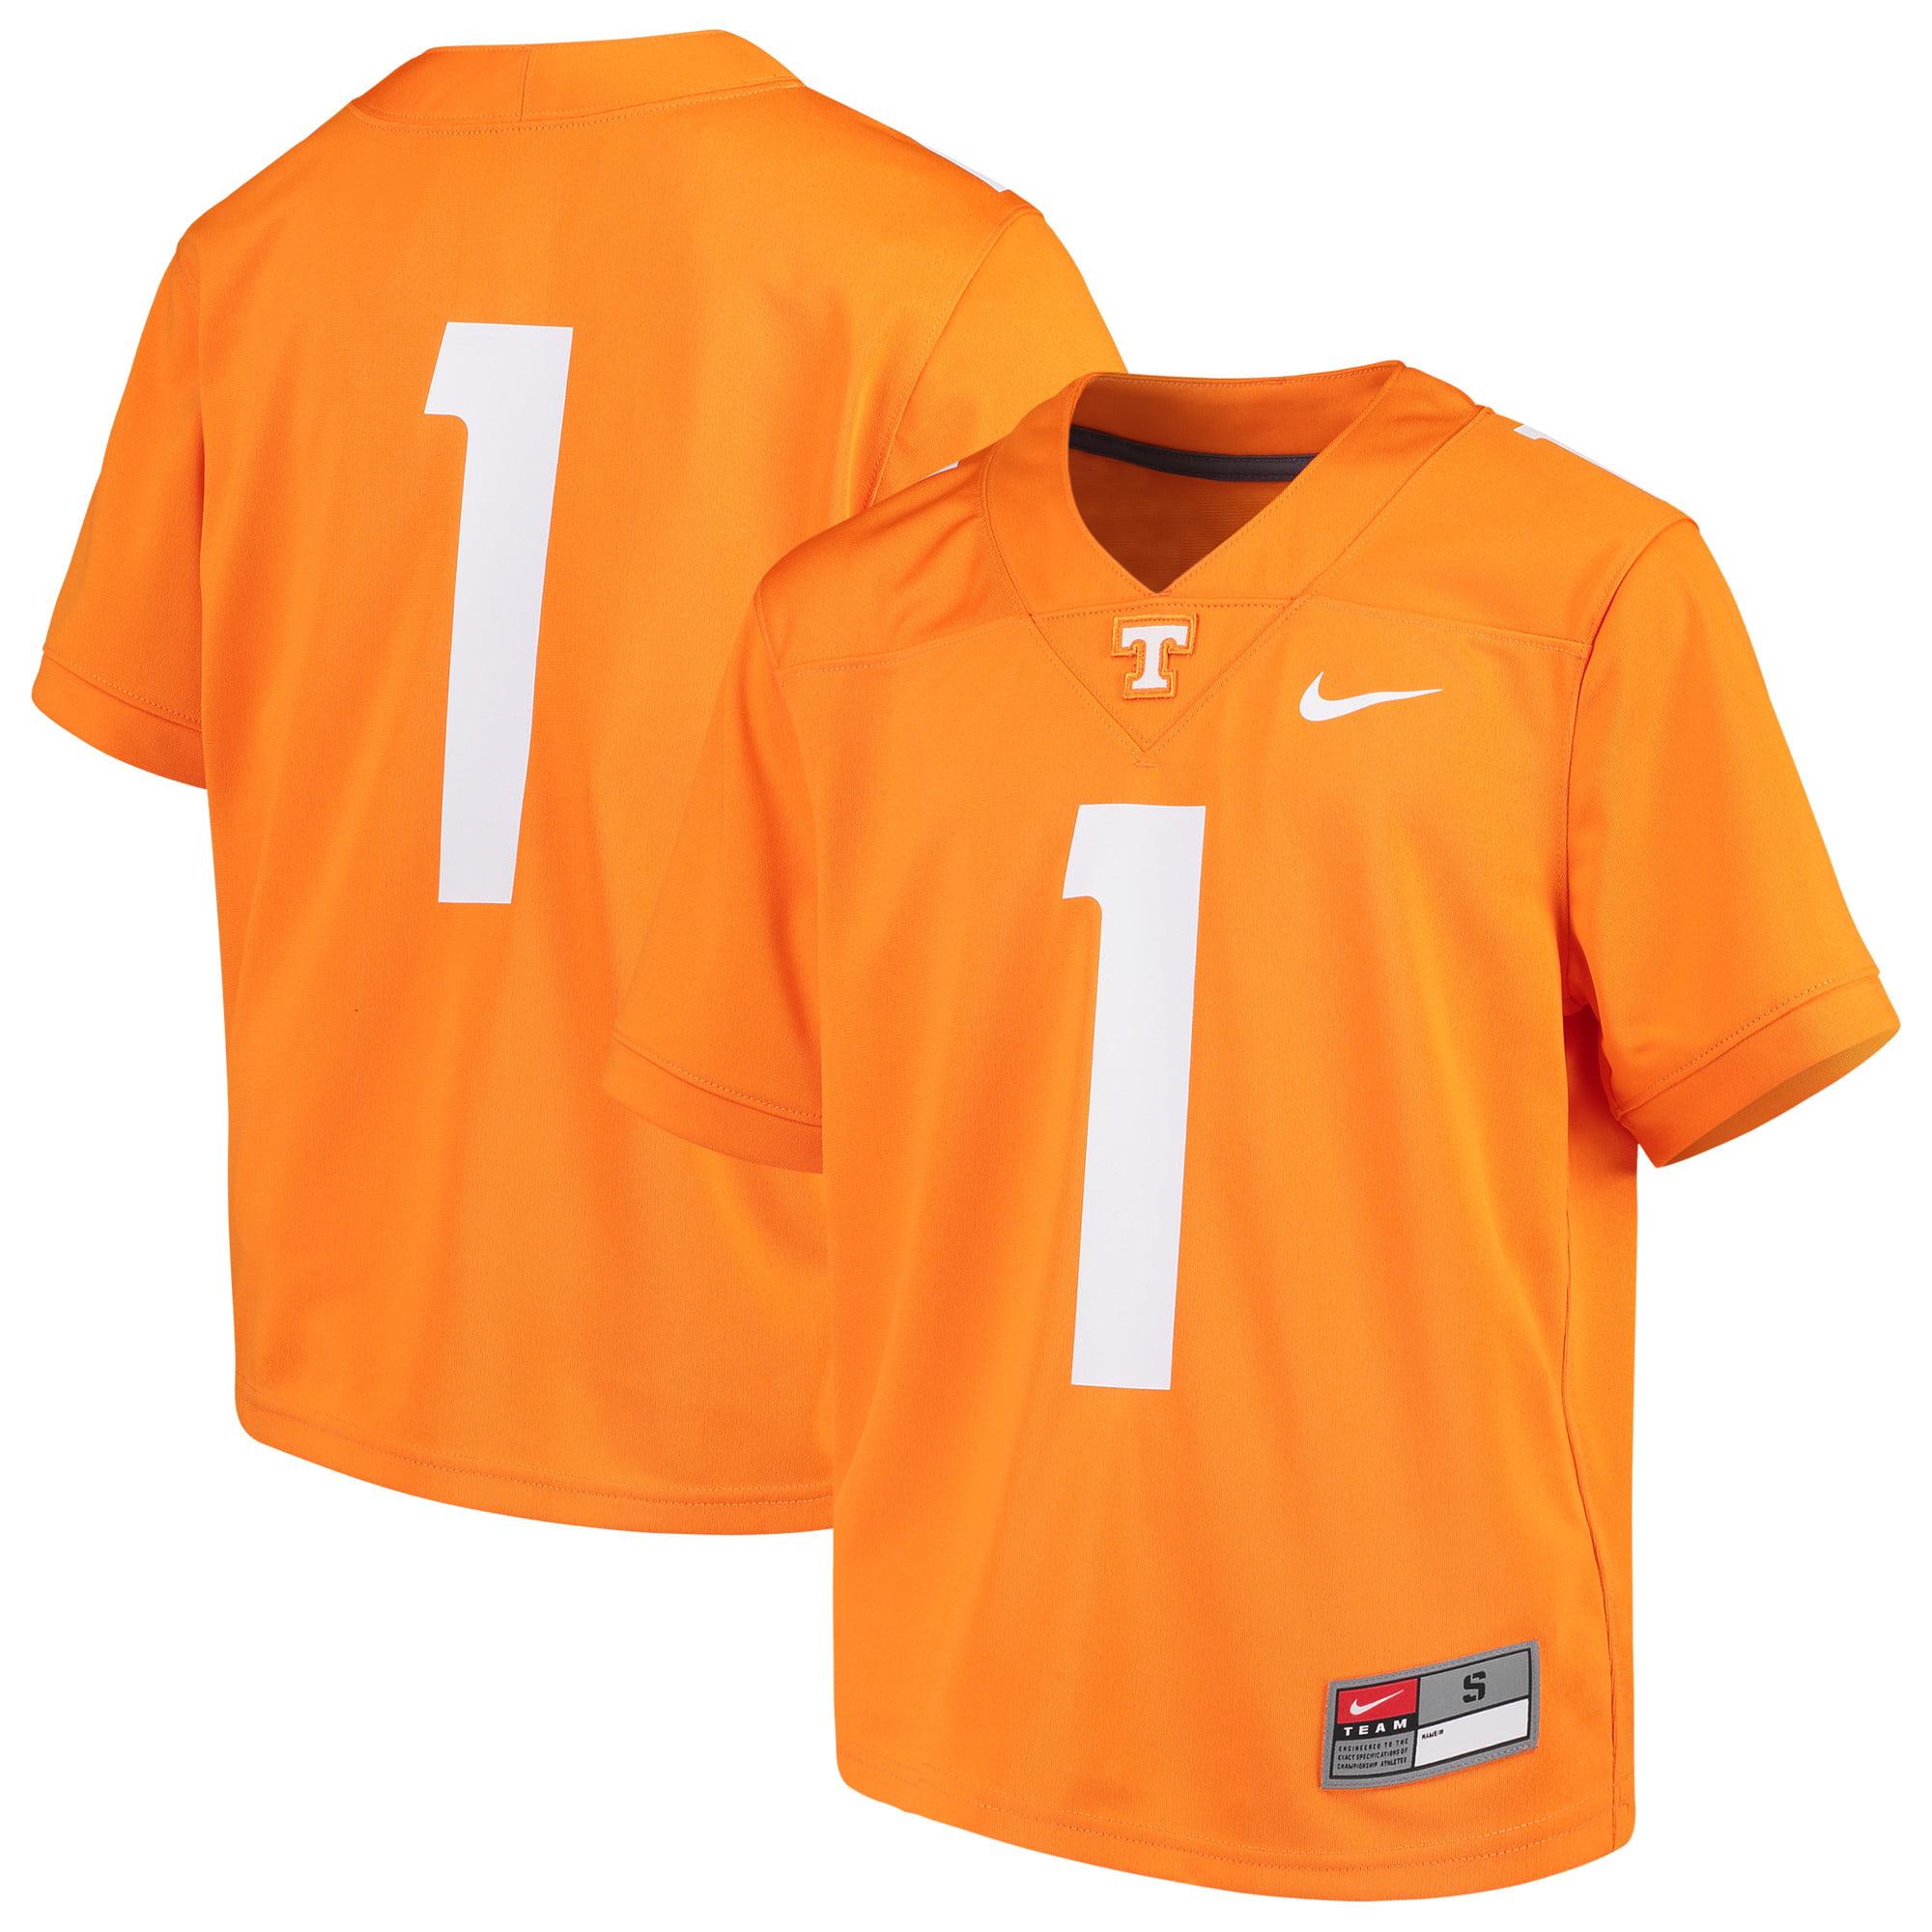 43bedd04 NCAA Fan Shop - Walmart.com